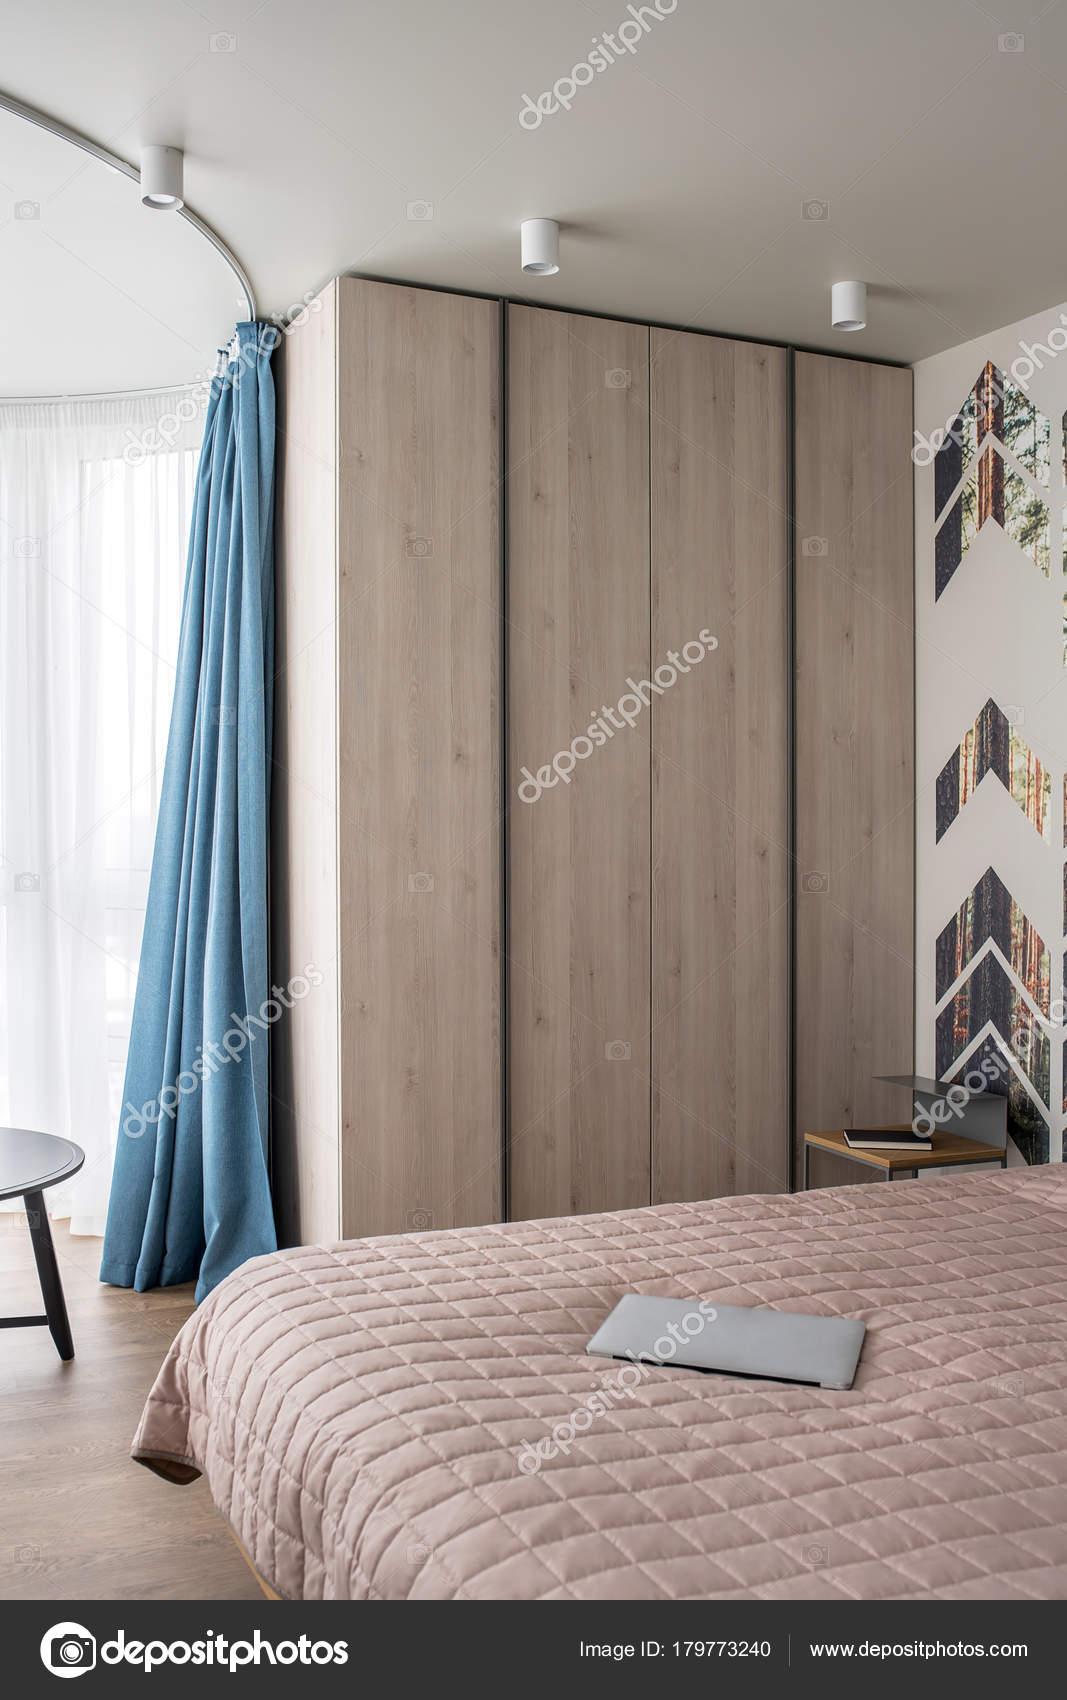 Gibt Es Ein Bett Mit Einer Tagesdecke Und Ein Laptop, Nachttisch Mit Buch,  Hölzerne Schrank, Dunklen Runden Tisch Gesims Mit Einem Blauen Vorhang.